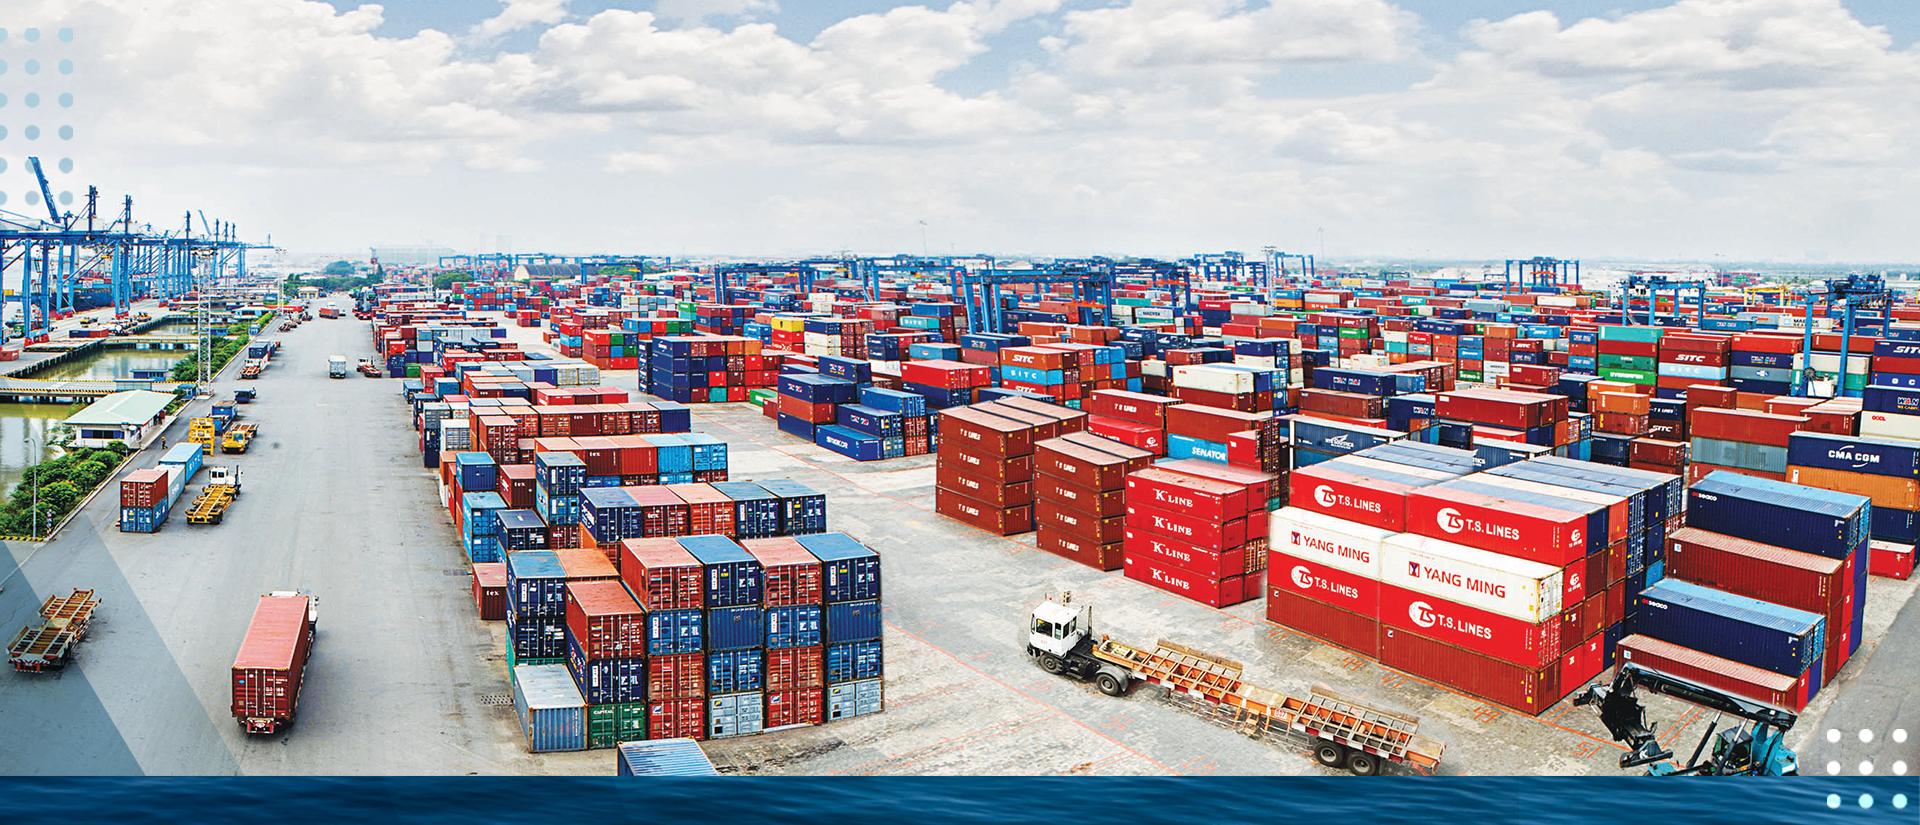 Kì 5: Cảng biển thông minh và đại dịch - Ảnh 5.